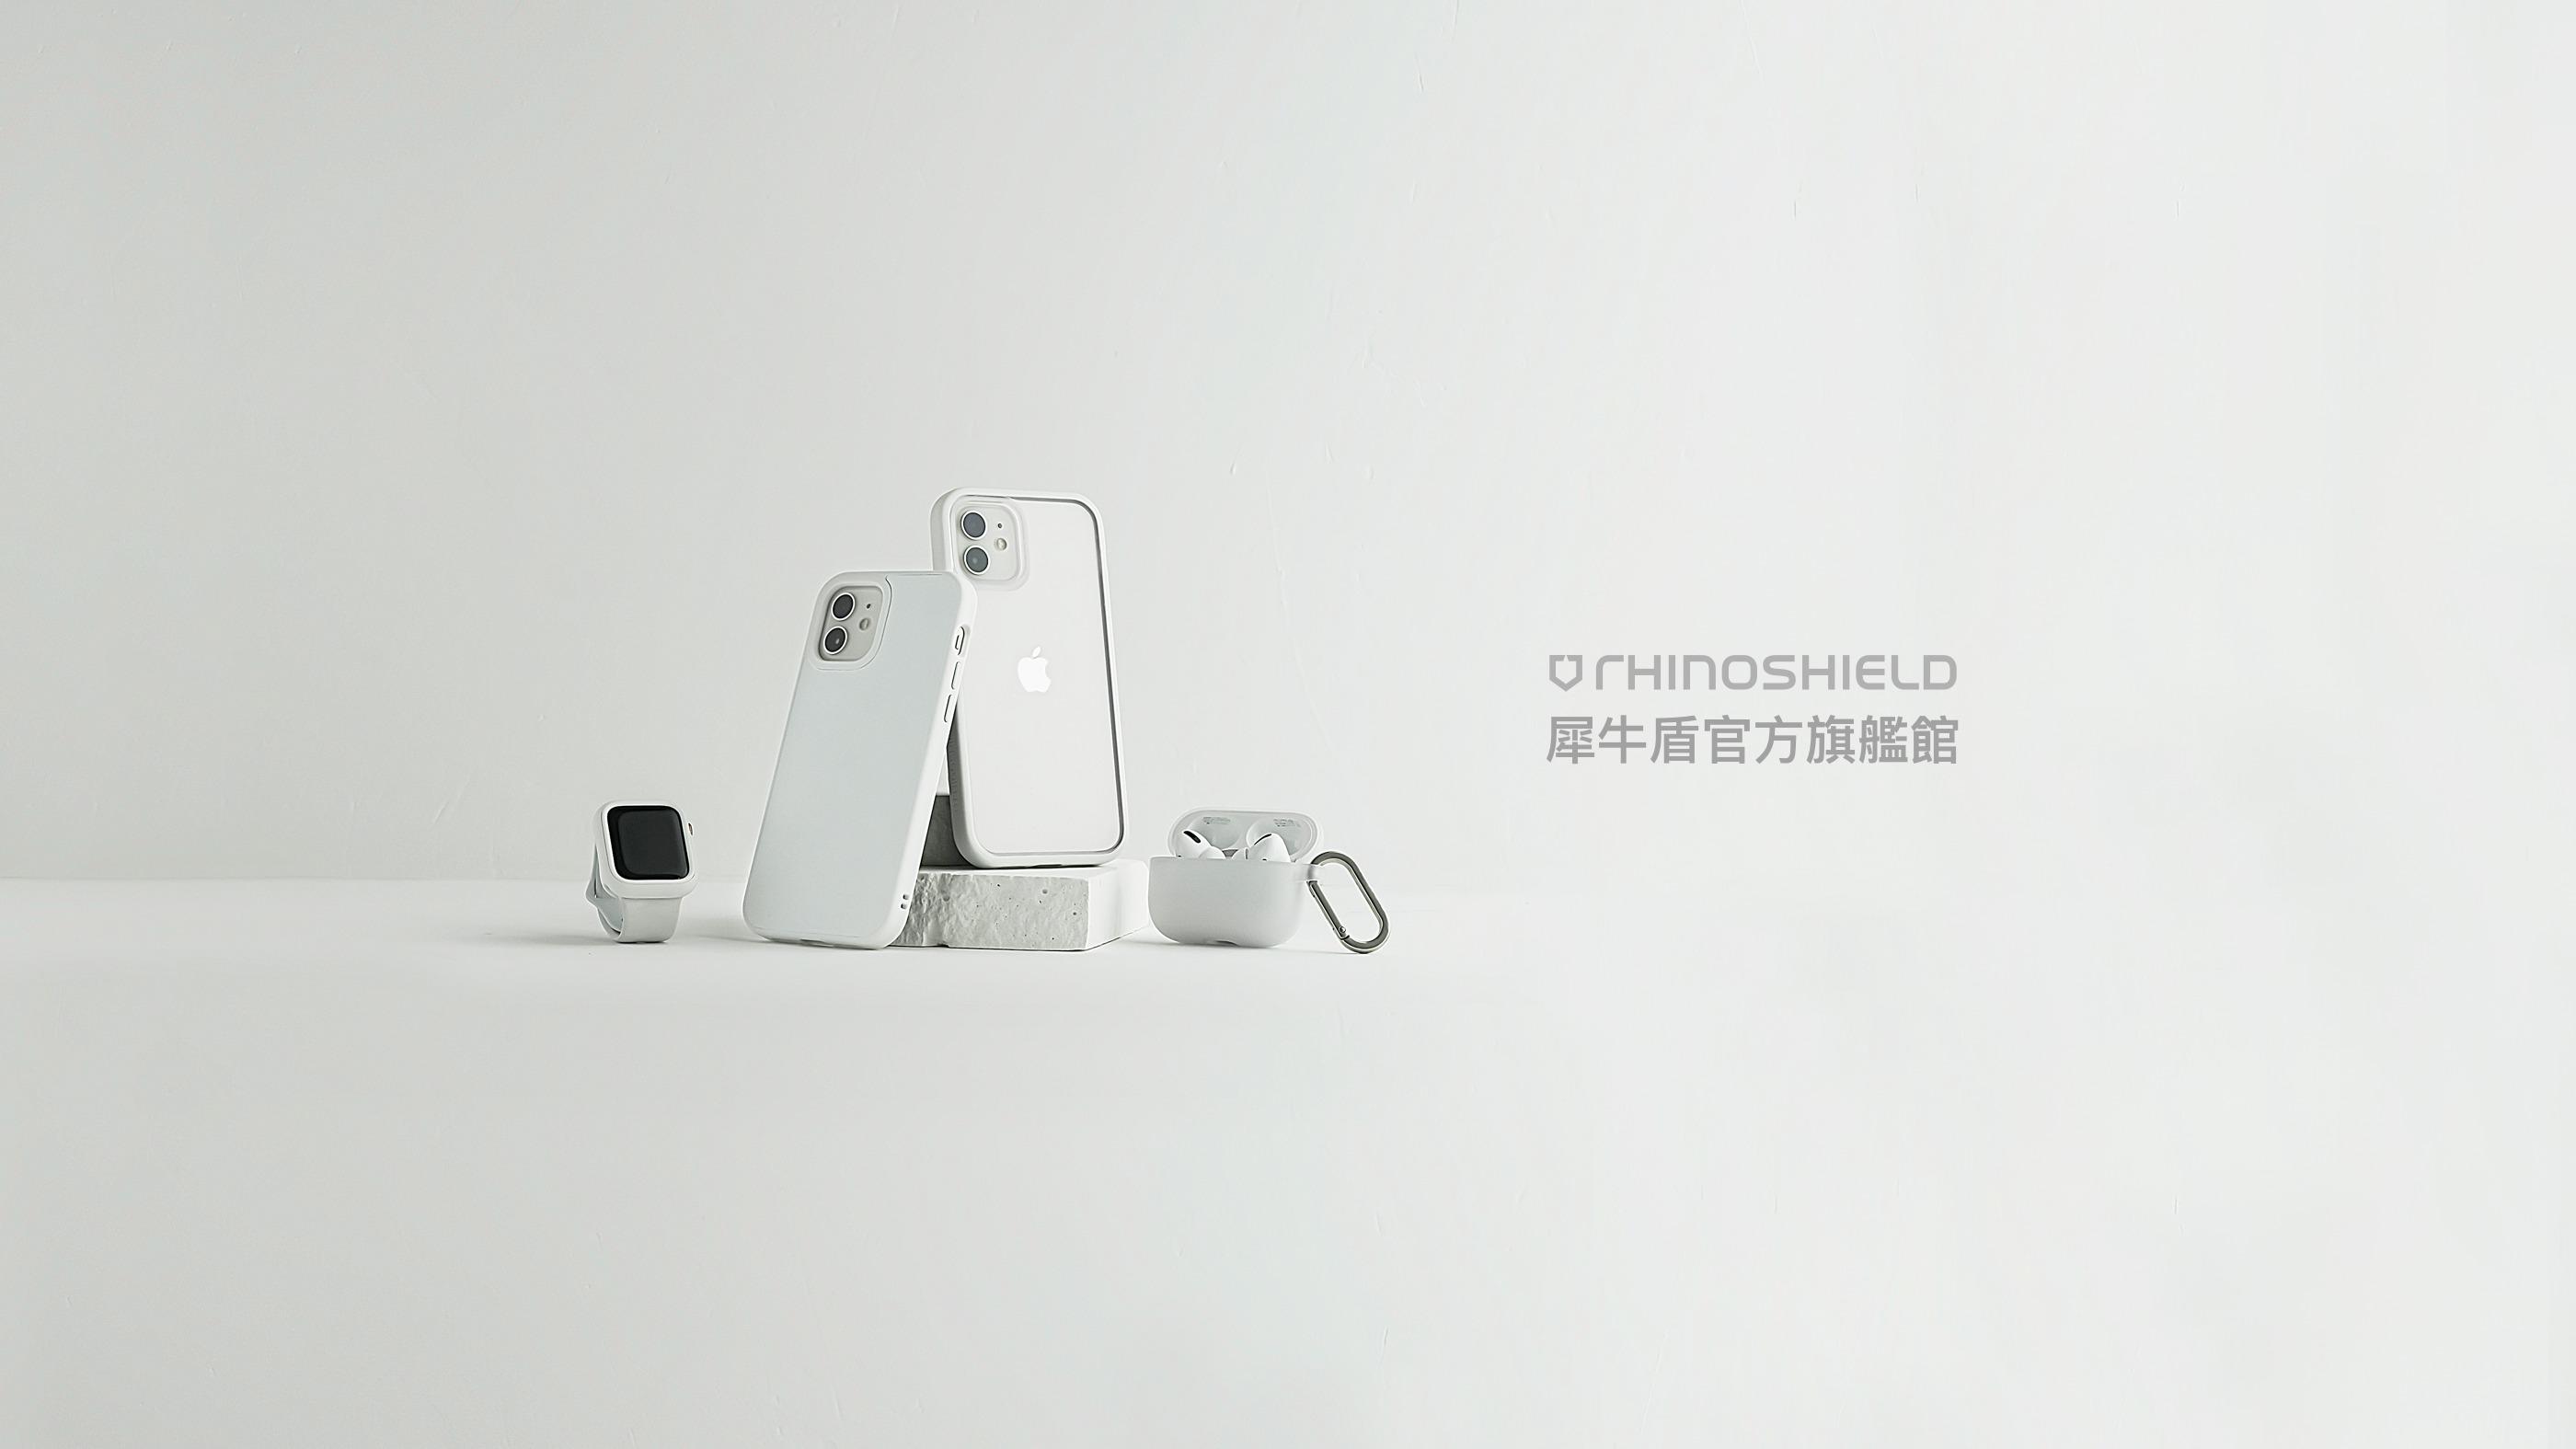 設計師品牌 - 犀牛盾RhinoShield